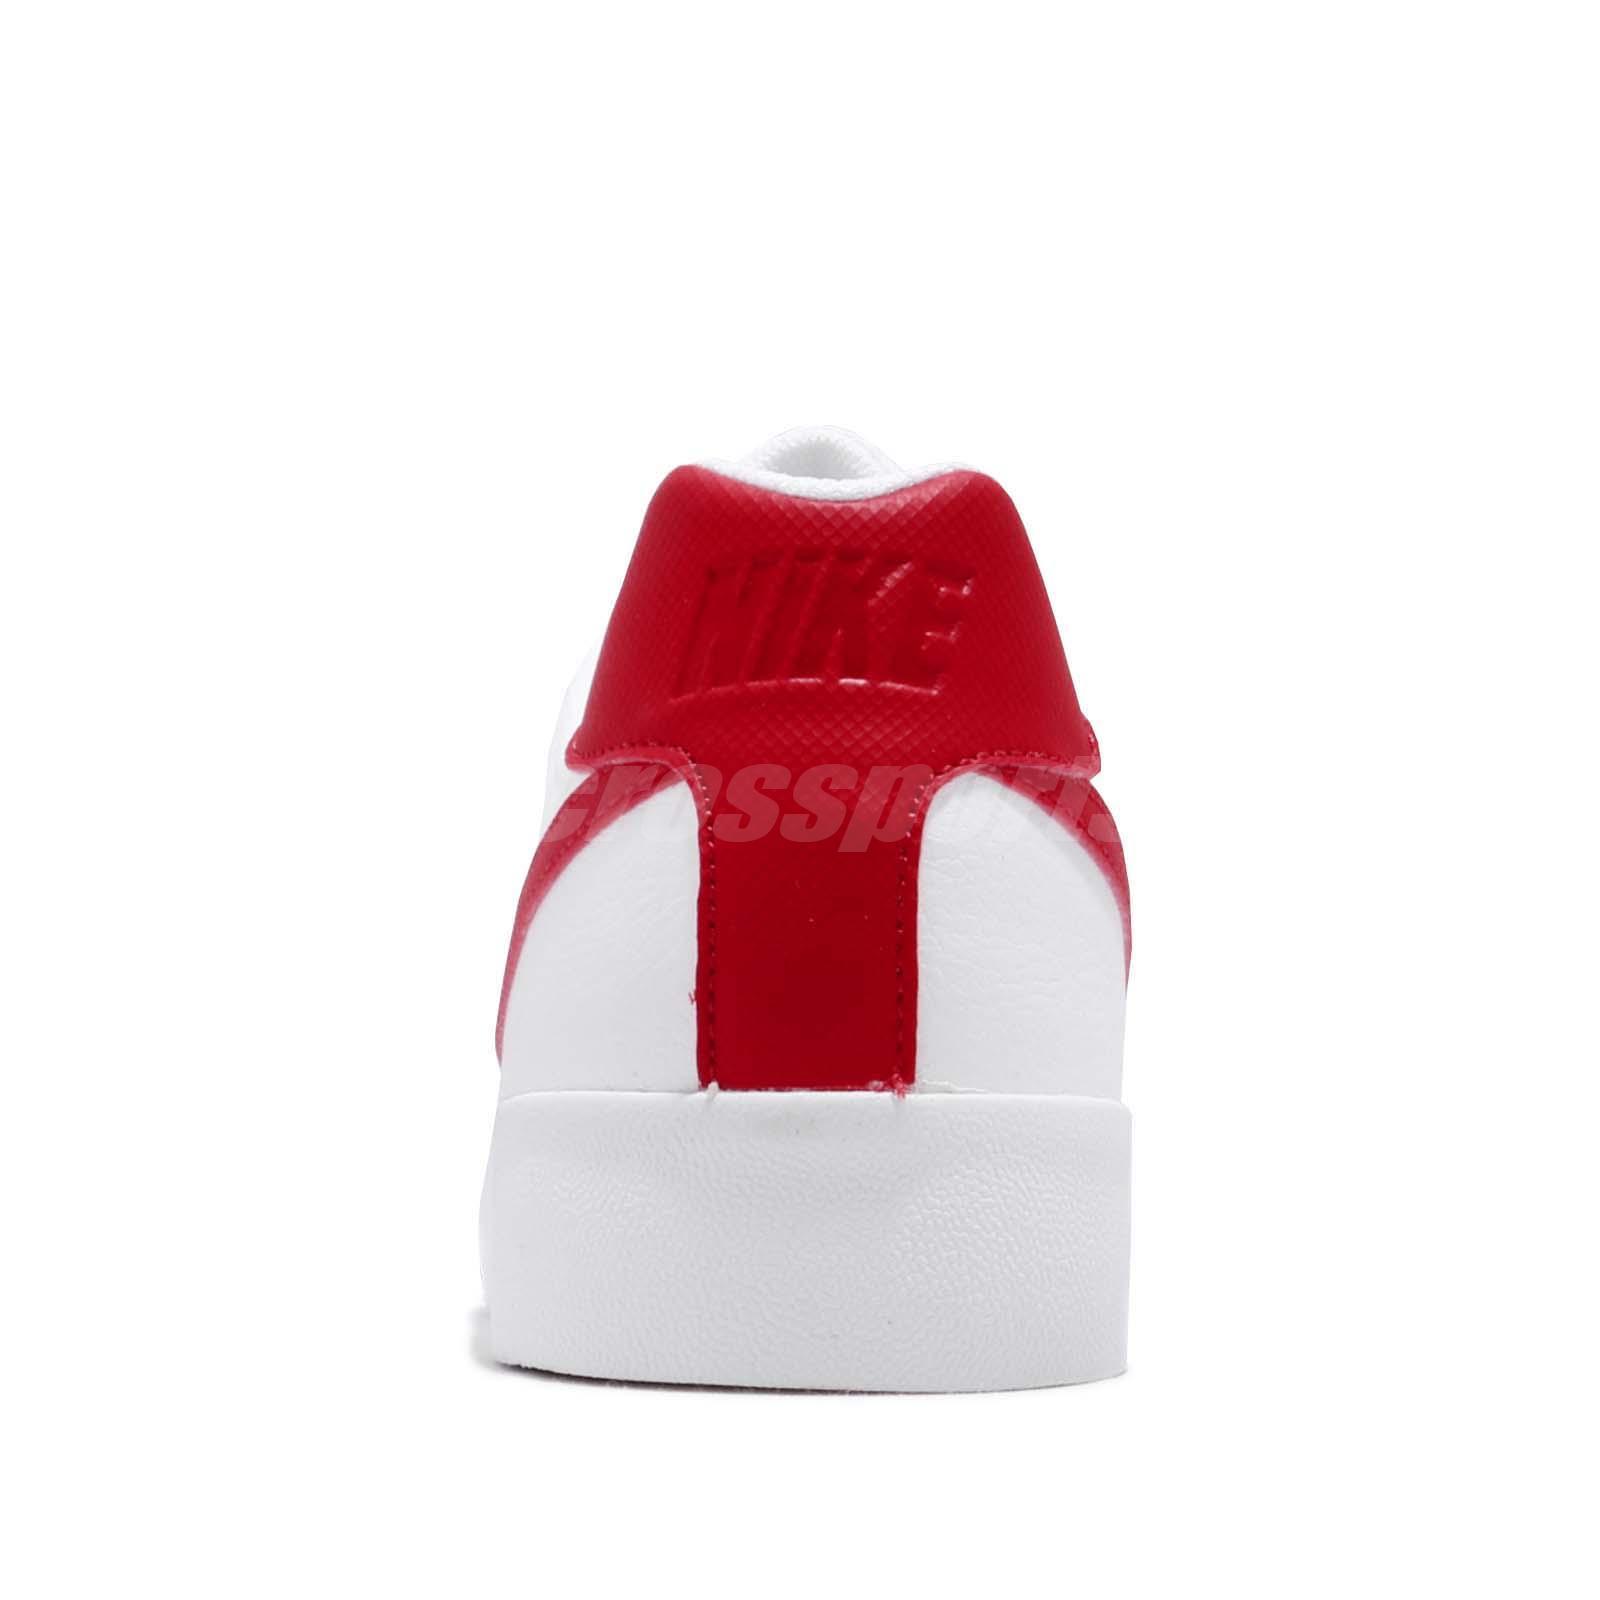 Detalles acerca de Nike Court Royale AC Blanco Rojo Universitario Hombre Informal Zapatos Tenis BQ4222 100 mostrar título original